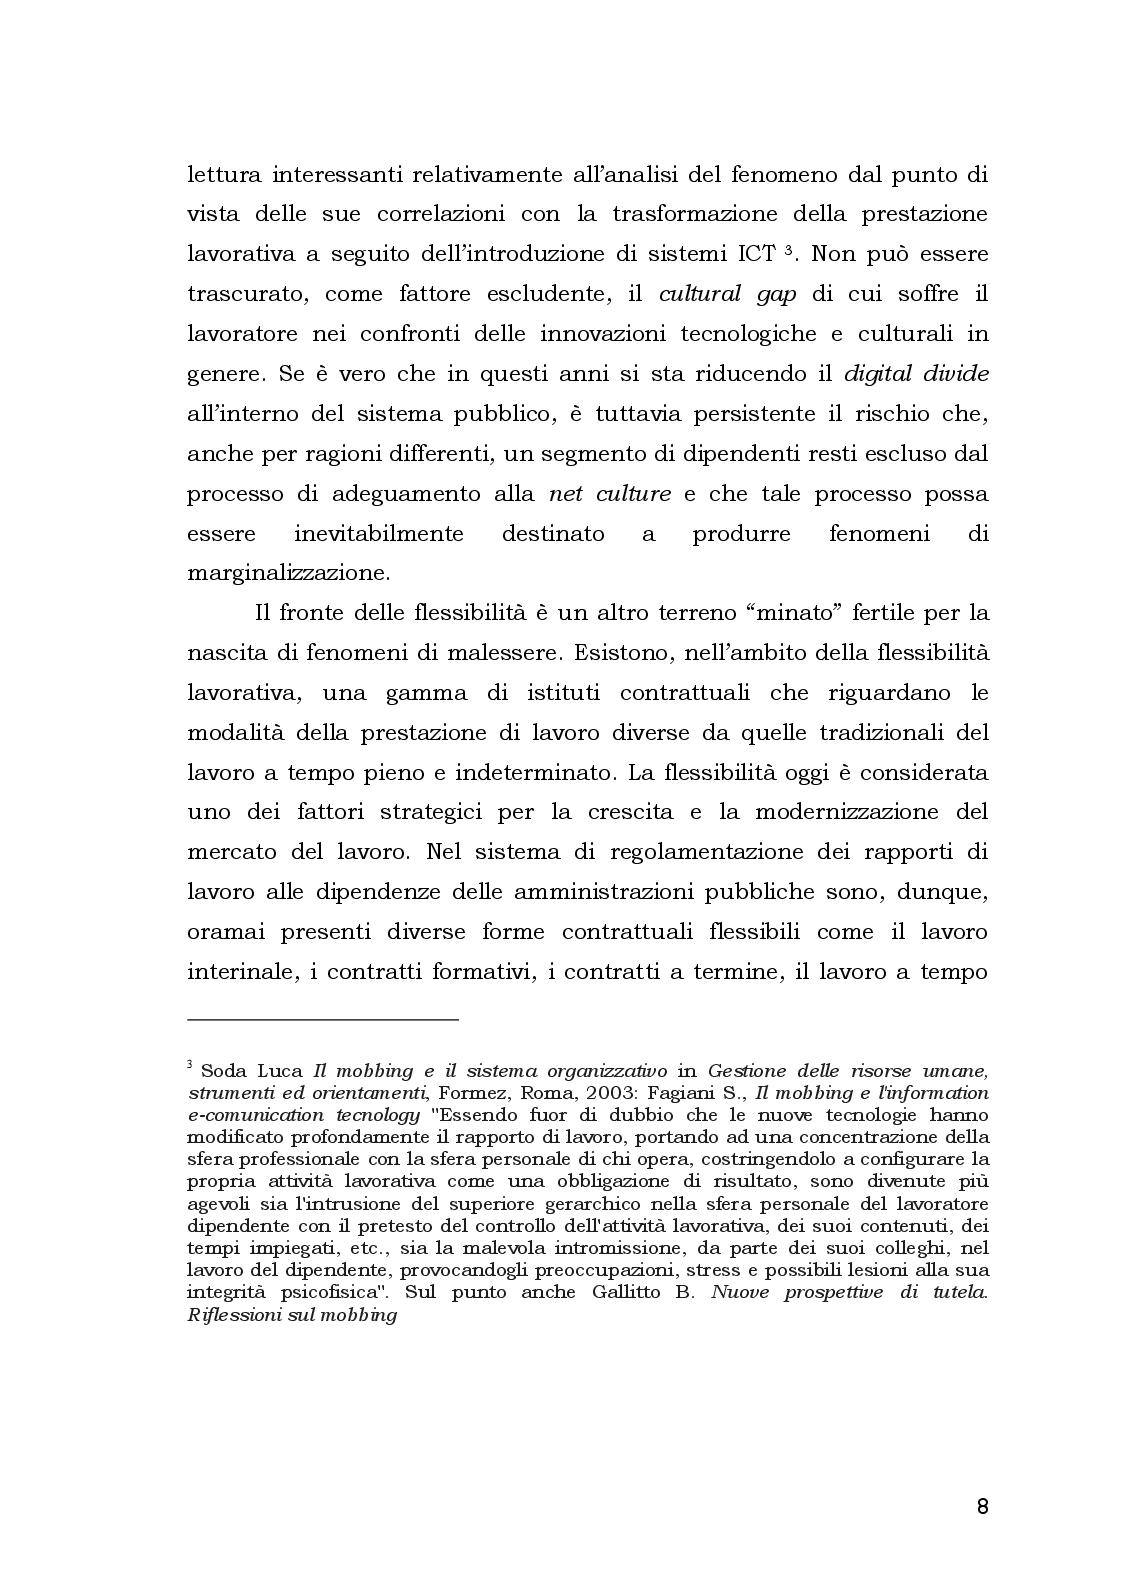 Anteprima della tesi: Aspetti Psicosociali e Girudici del Mobbing nella Pubblica Amministrazione.  Analisi Comparata, Pagina 8